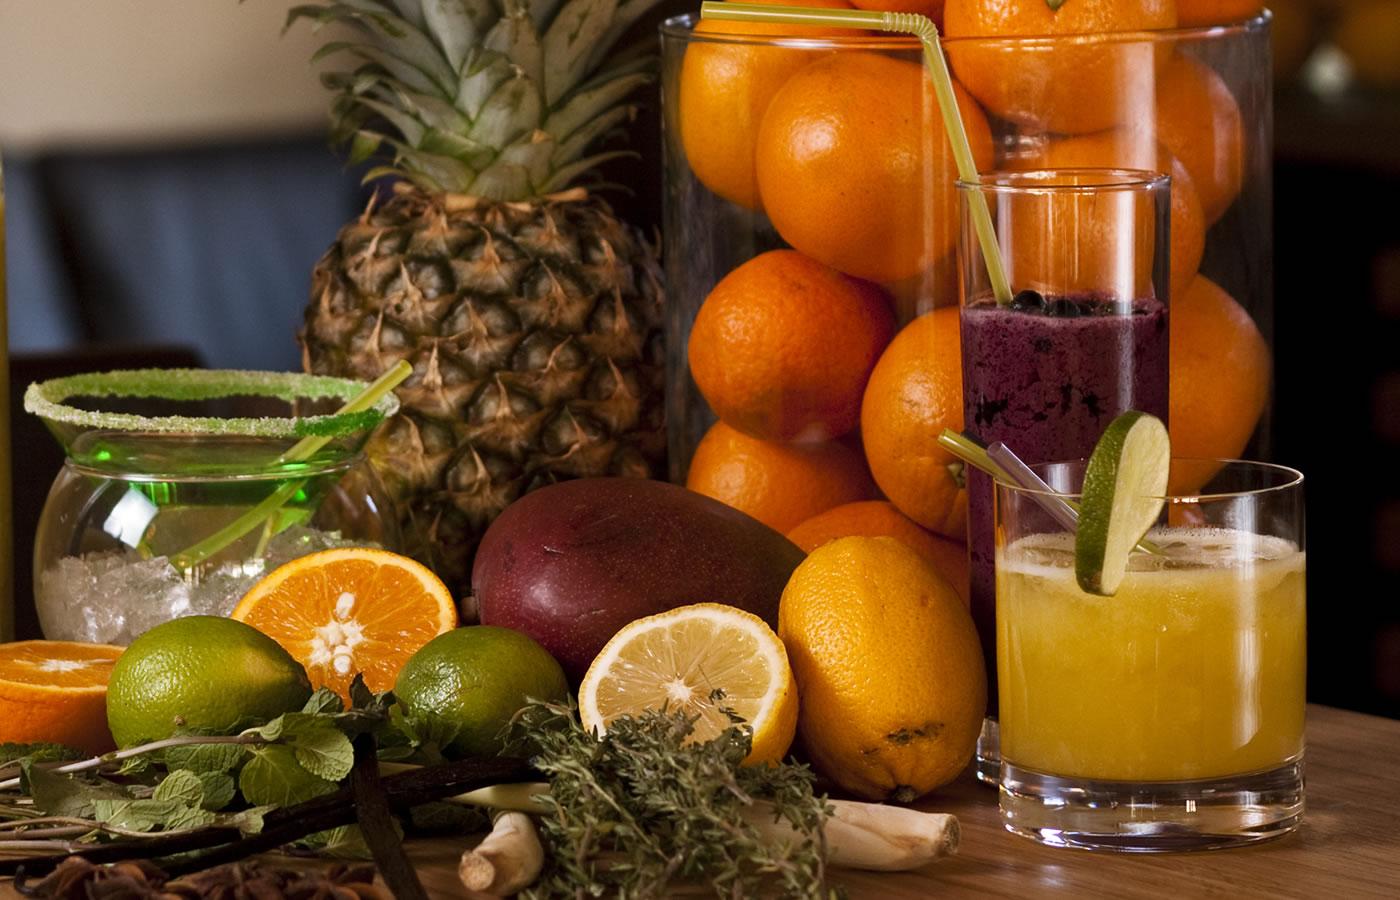 Hotel-Bar im Natürlich. Frische Früchte und trendige Drinks. Urlaub in Fiss.